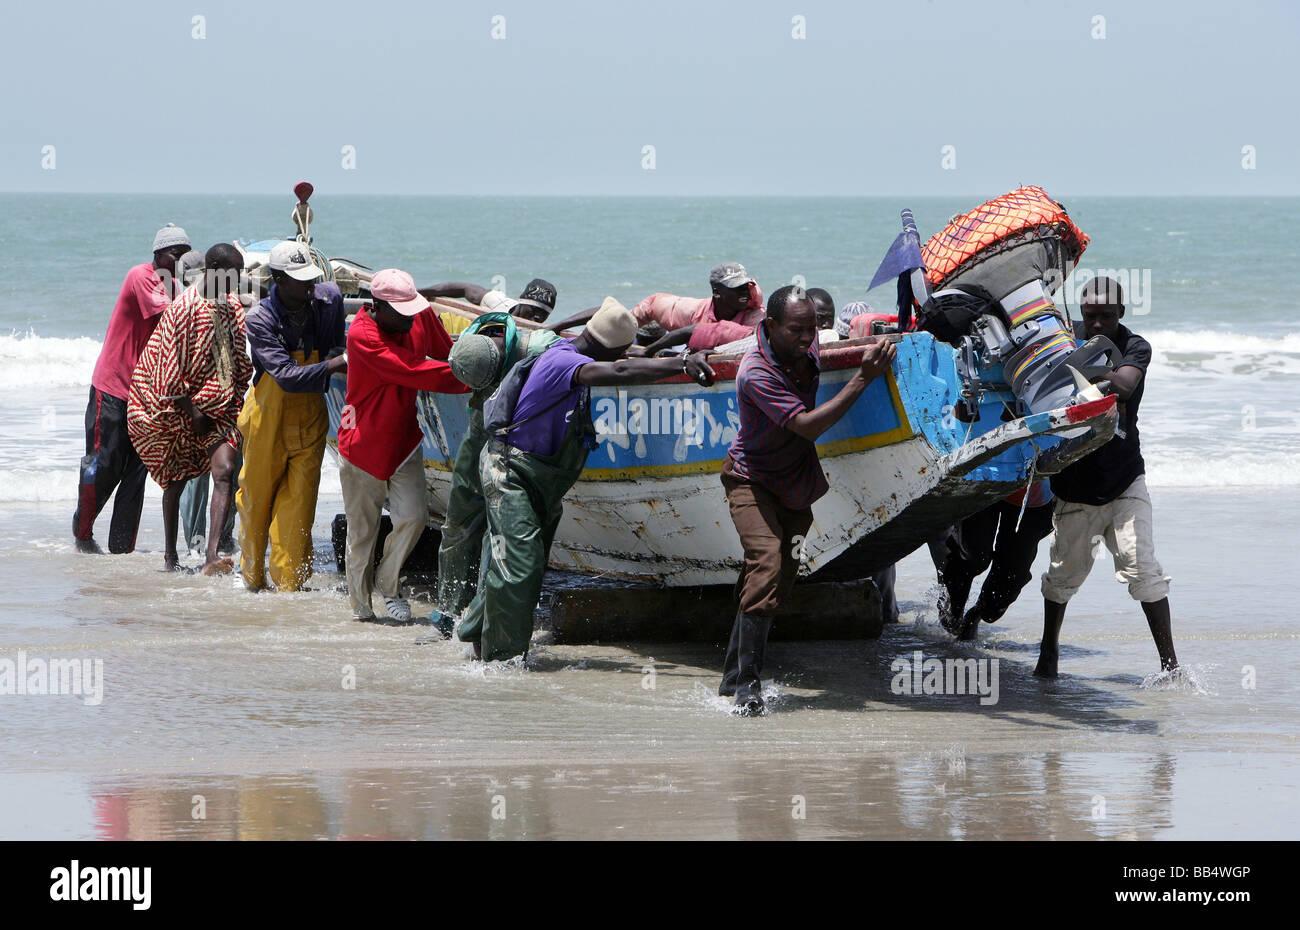 Les pêcheurs fournissent un bateau sur le rivage à Kap Skirring, au Sénégal Photo Stock